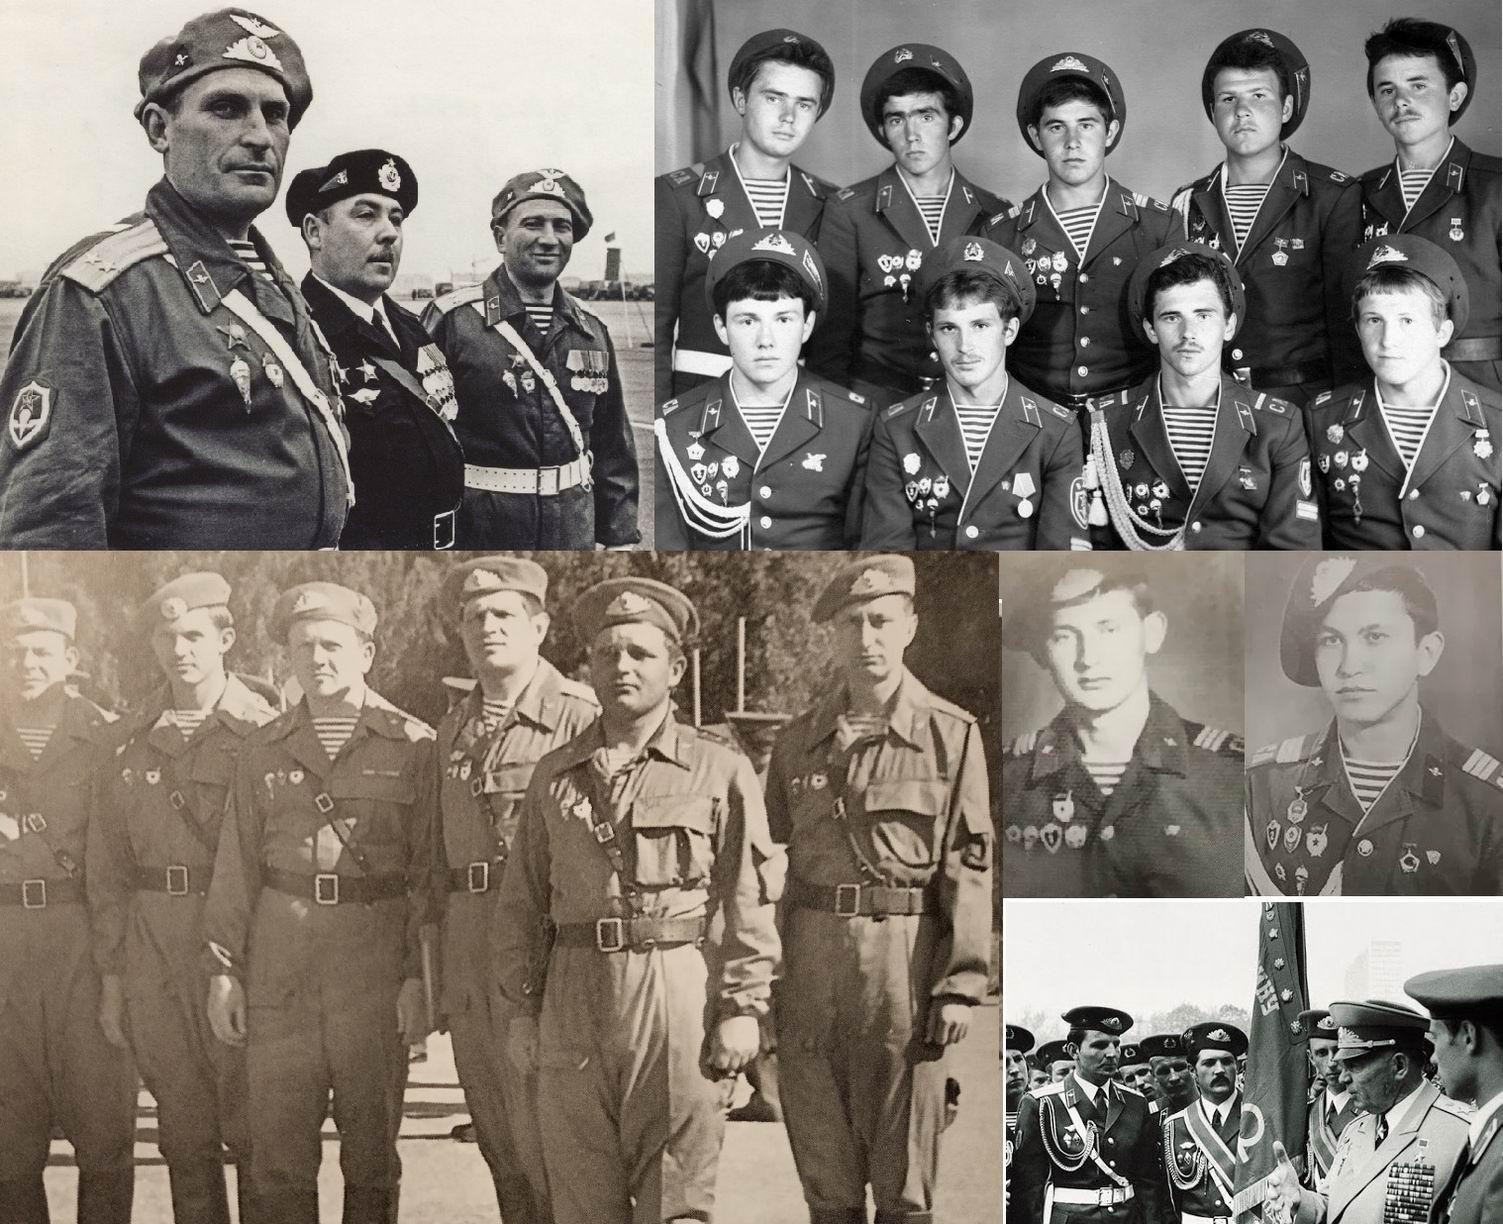 Примеры ношения кокарды для парадной фуражки на беретах - парады, учения, дембелизм. На фотографии вверху слева – офицеры на параде 1968г., но кокарды уже те, что будут утверждены для всех в 1969г.